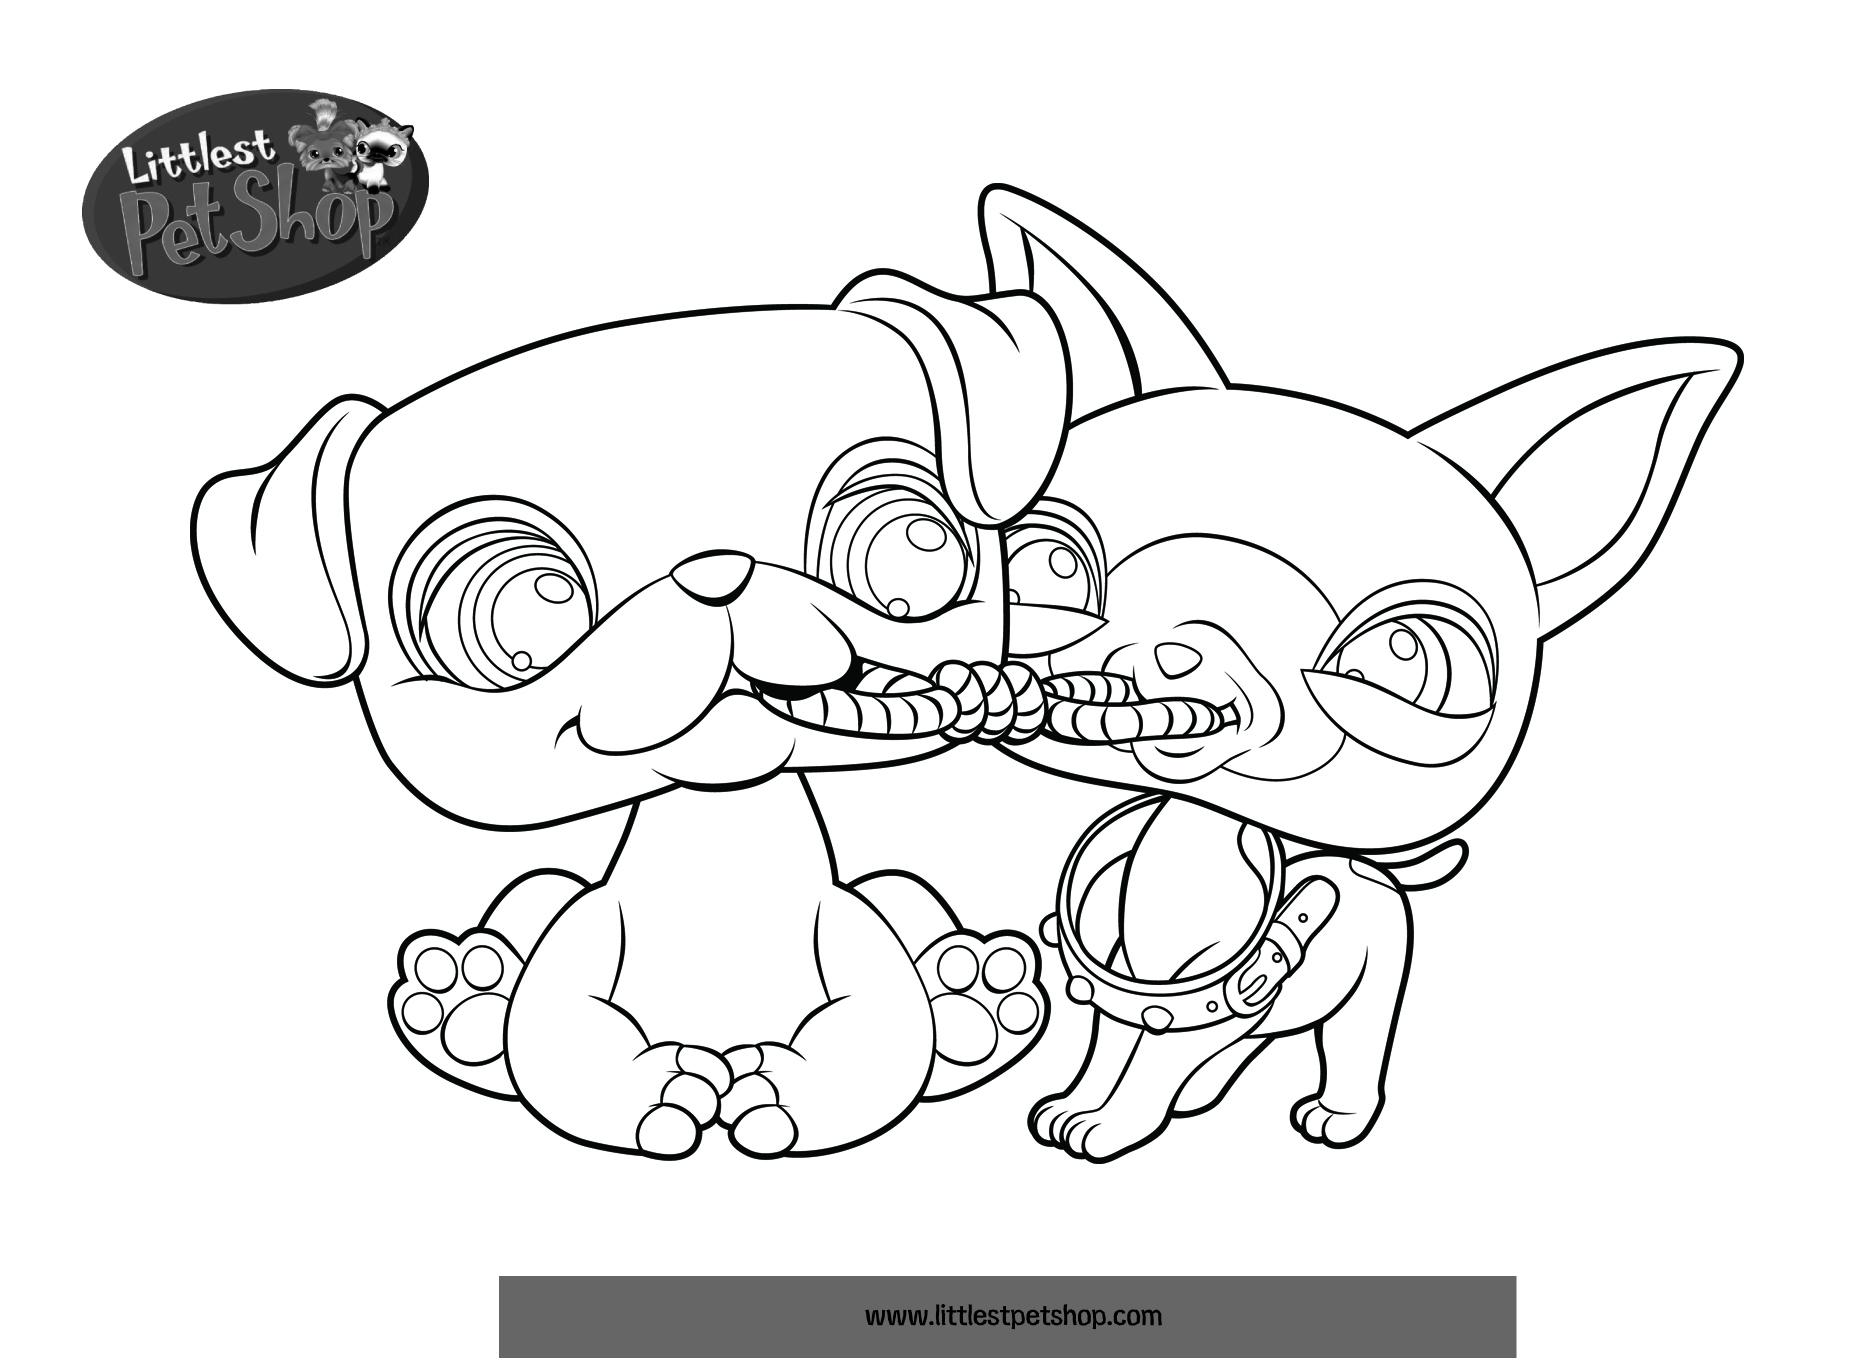 11 dessins de coloriage littlest petshop a imprimer imprimer - Dessin de martine a imprimer ...